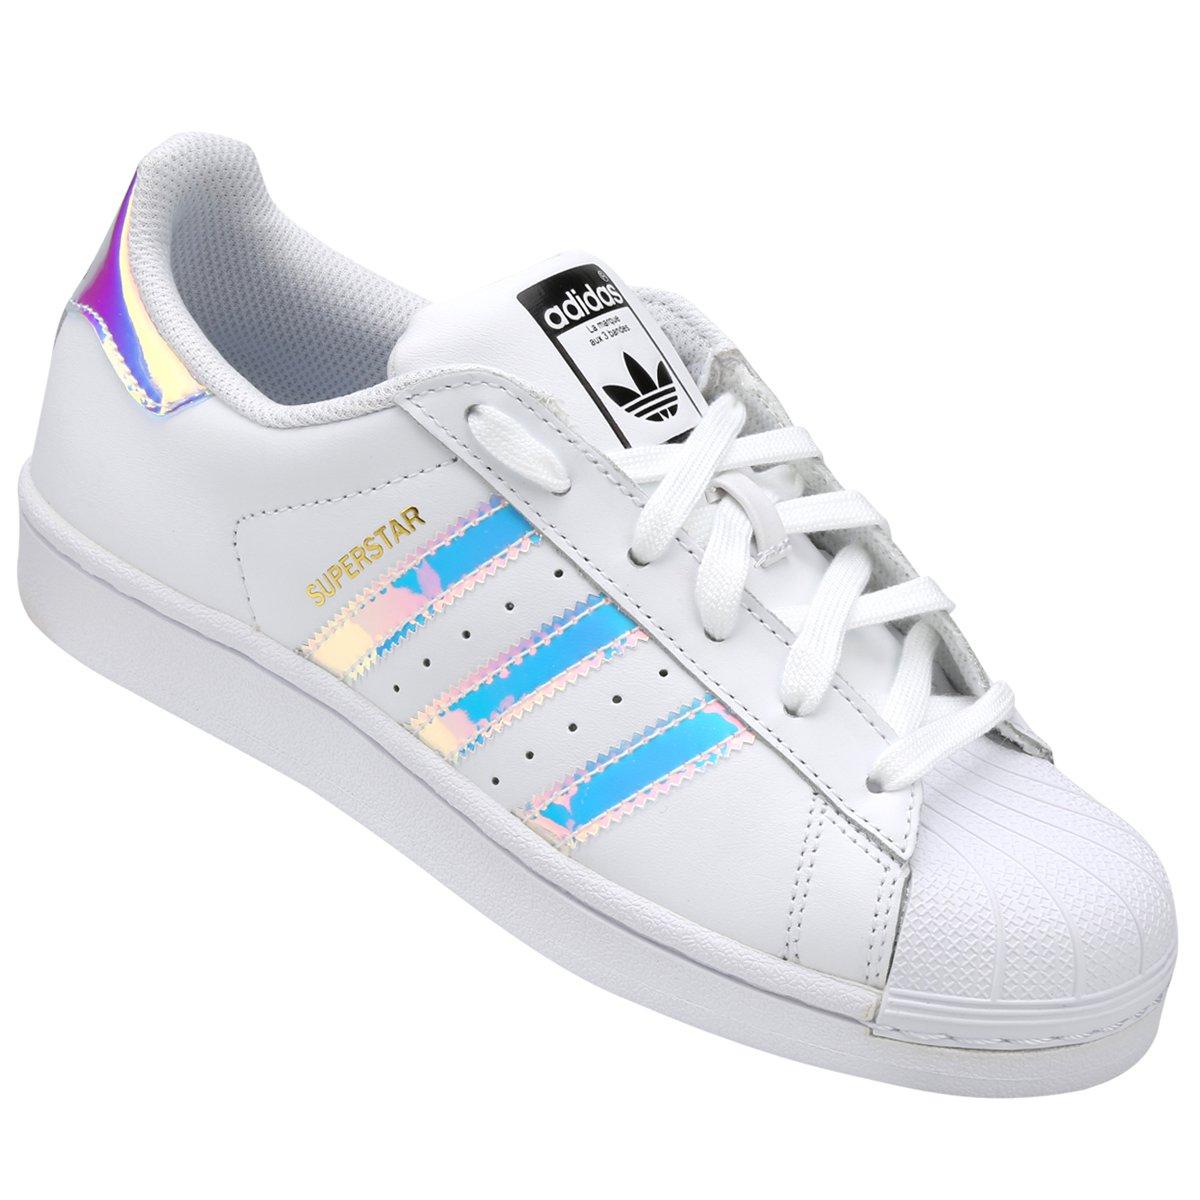 3b01b0a88a1280 low price tênis adidas superstar foundation feminino e9526 9e398